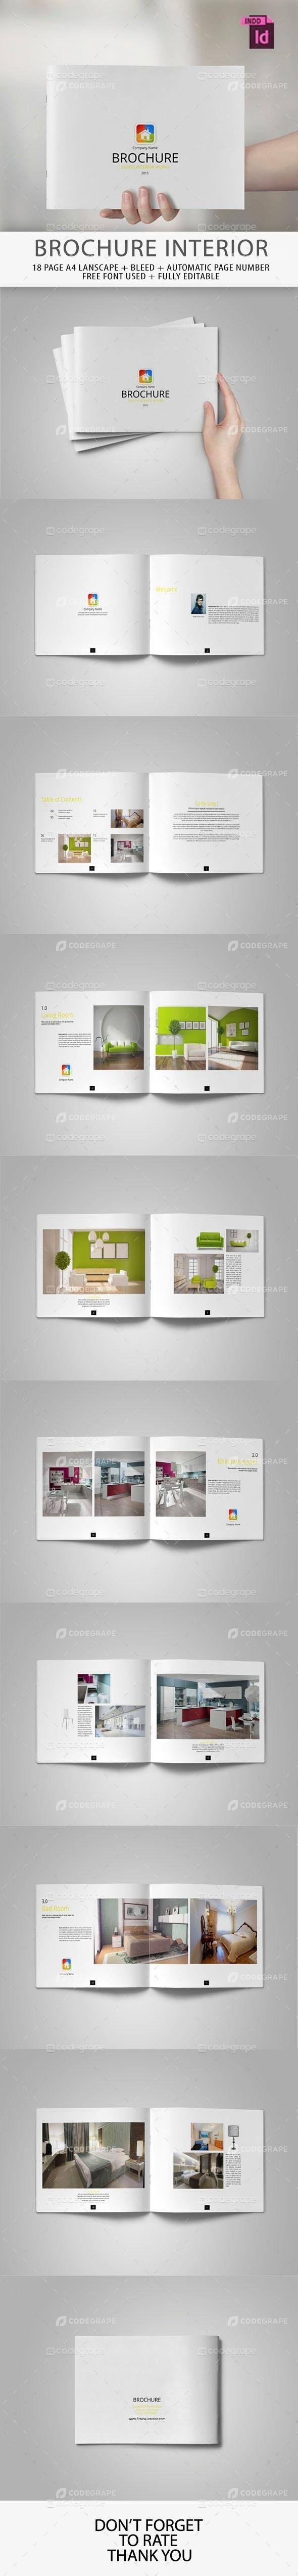 Brochure Interior